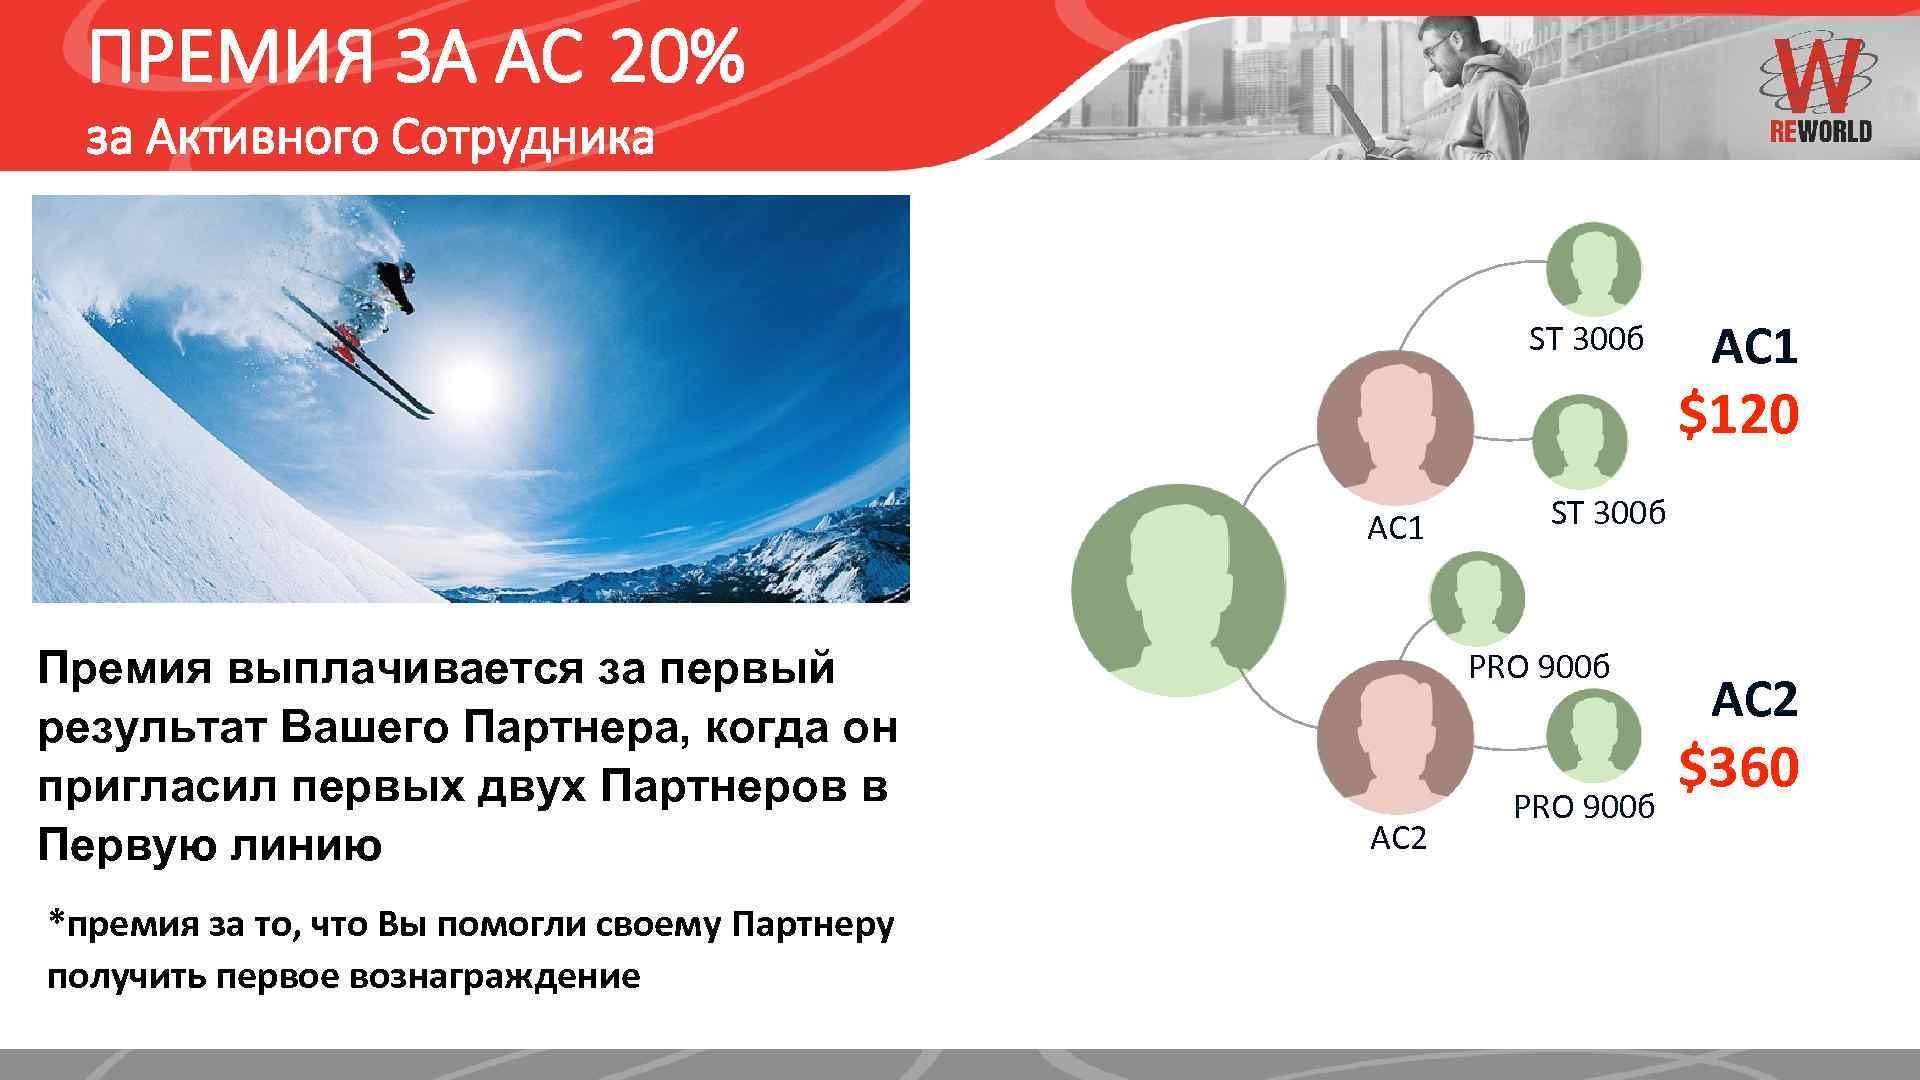 ПРЕМИЯ ЗА АС 20% за Активного Сотрудника ST 300 б АС 1 $120 АС